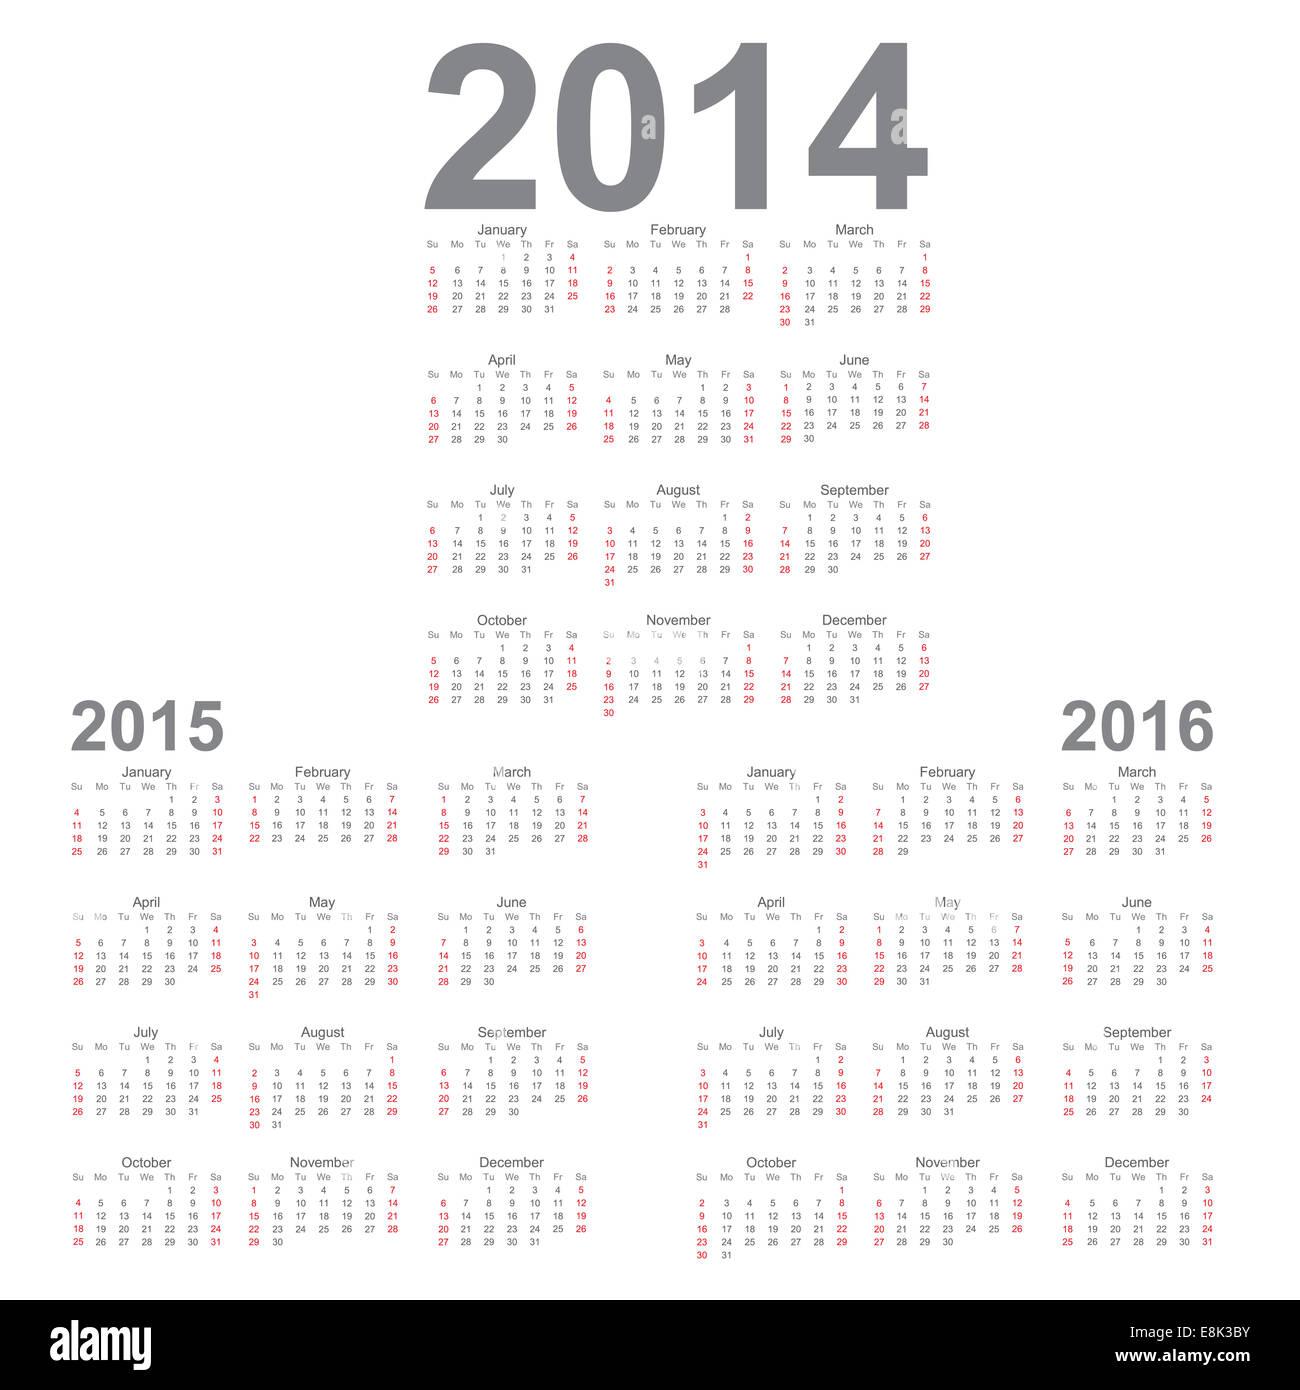 Calendario Anno 2014.Semplice Anno Di Calendario 2014 2015 2016 Vettore Foto